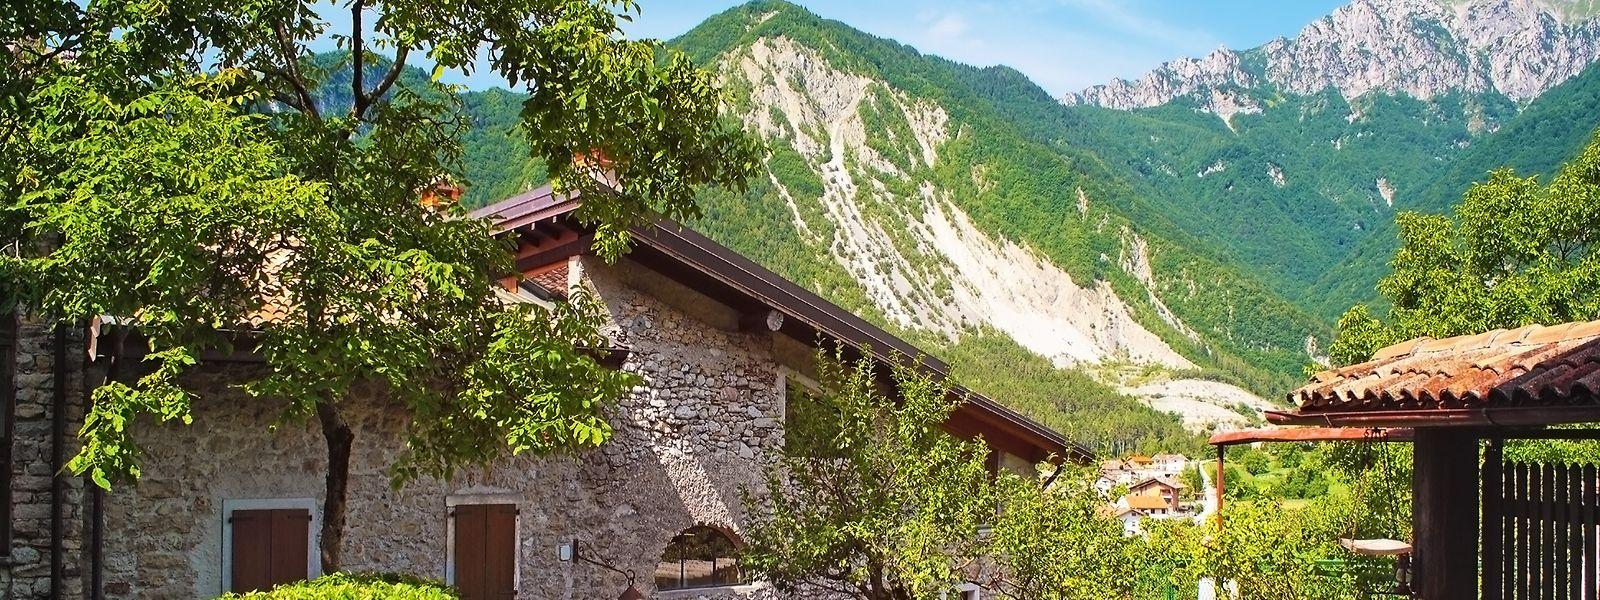 Das bis in die 1960er-Jahre verlassene Bergdorf Canale di Tenno gehört nun zu den schönsten mittlealterlichen Dörfern Italiens.